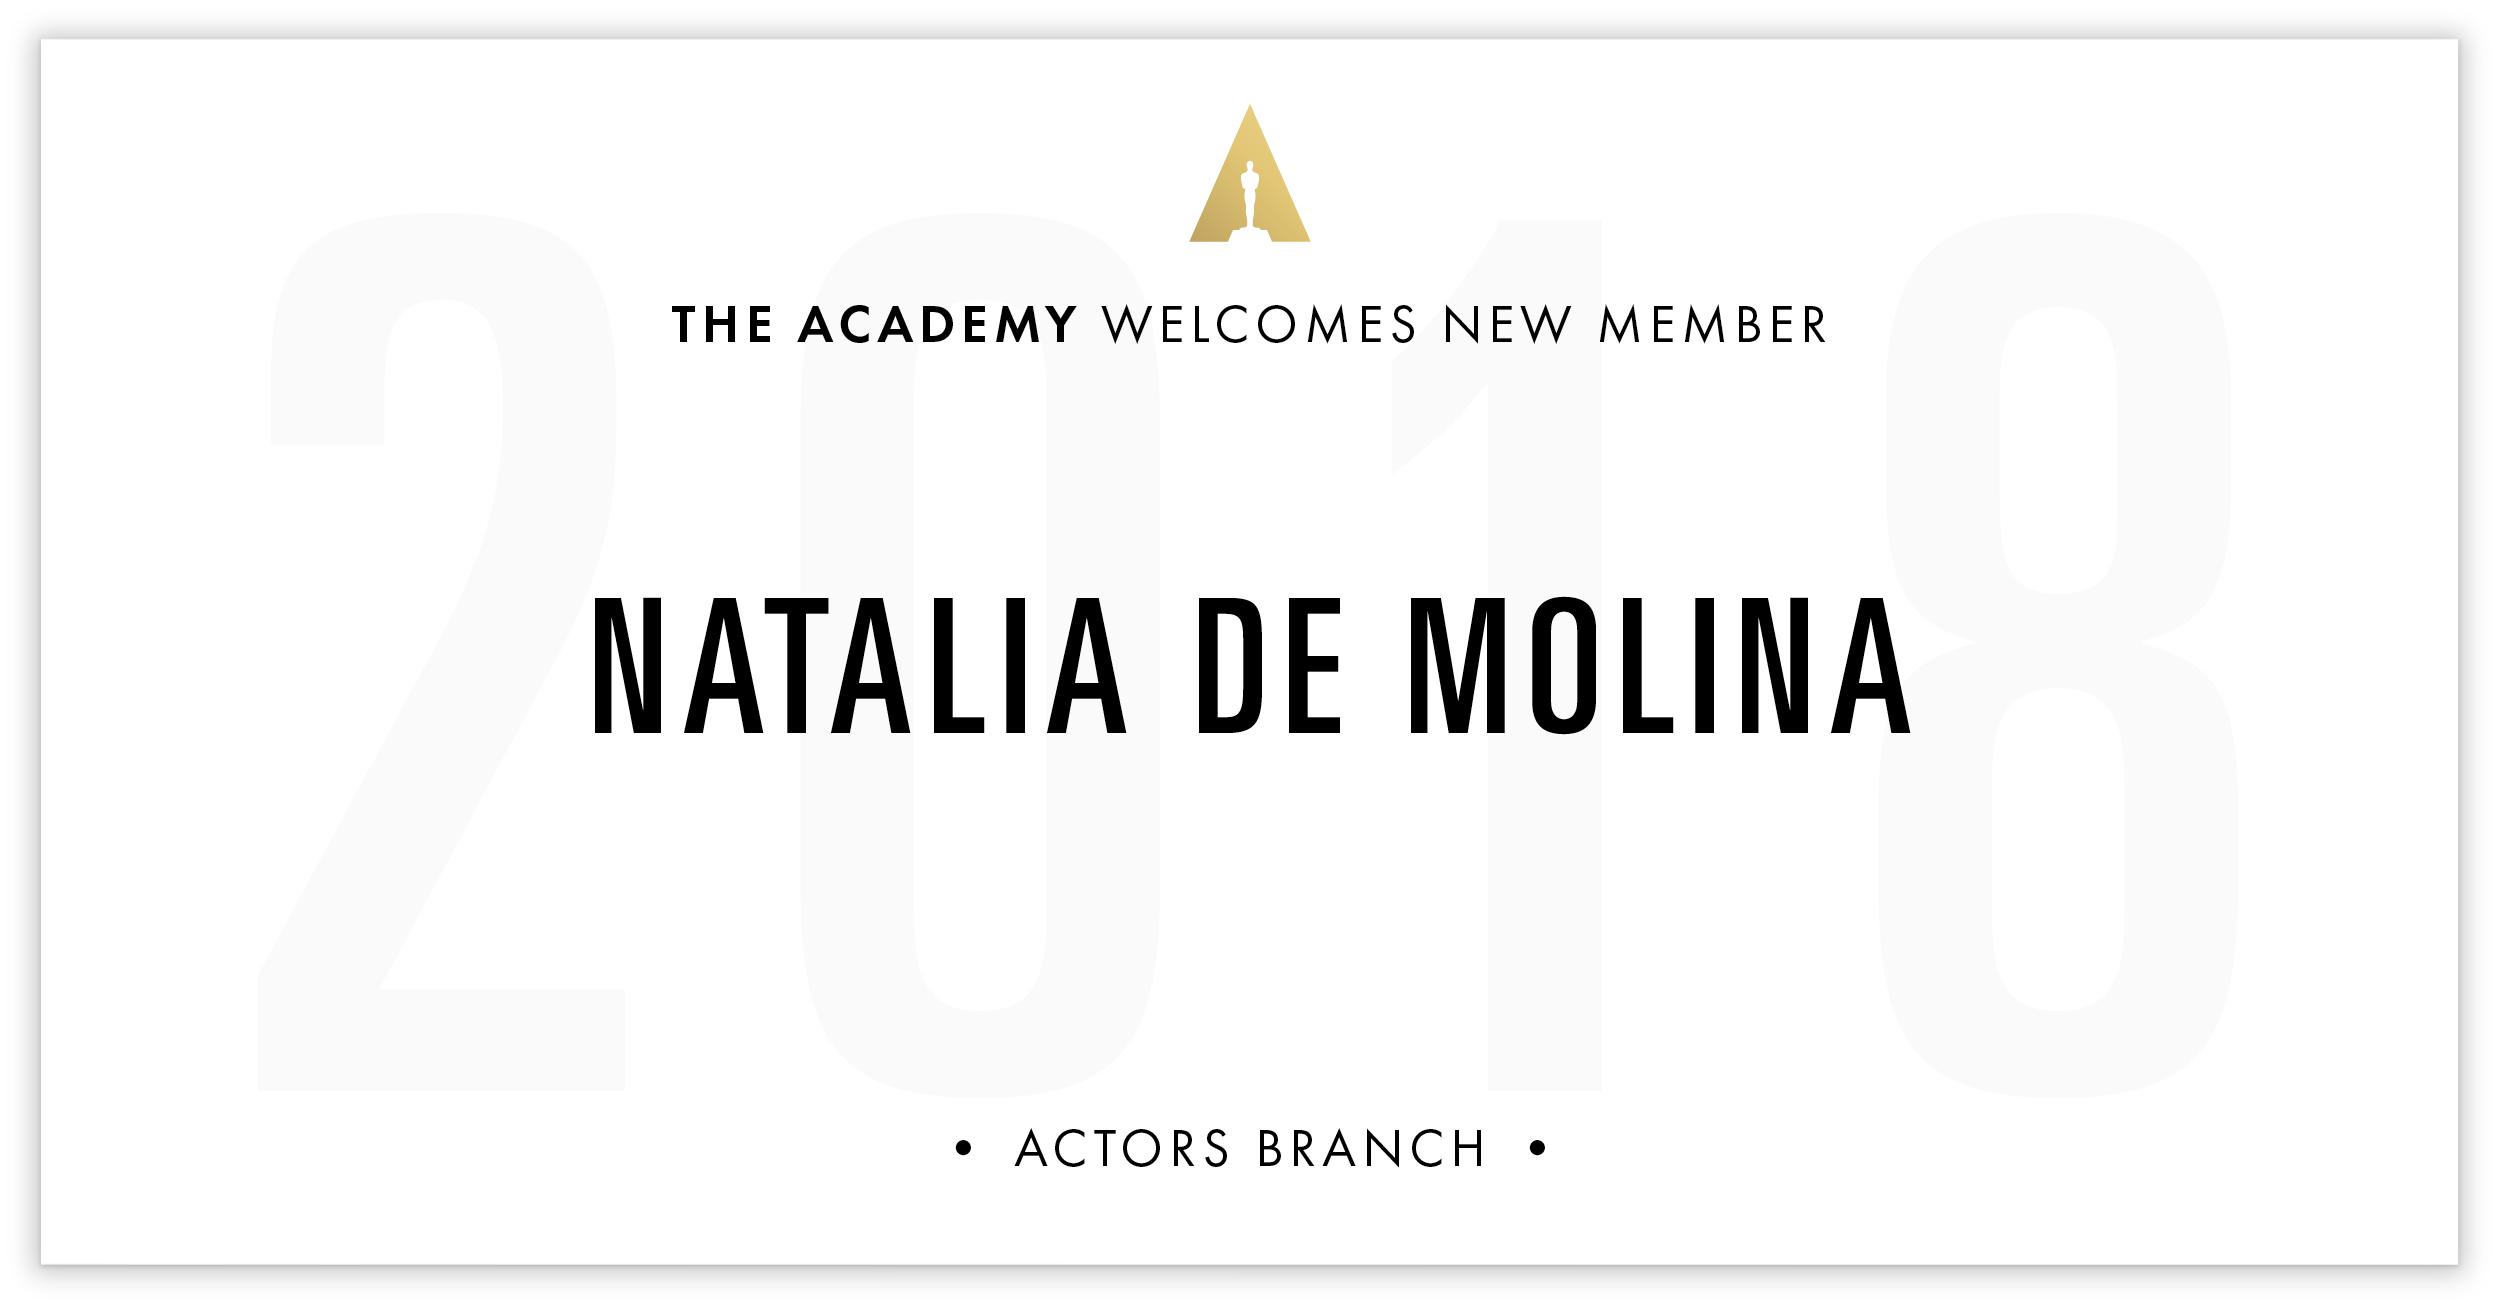 Natalia De Molina is invited!